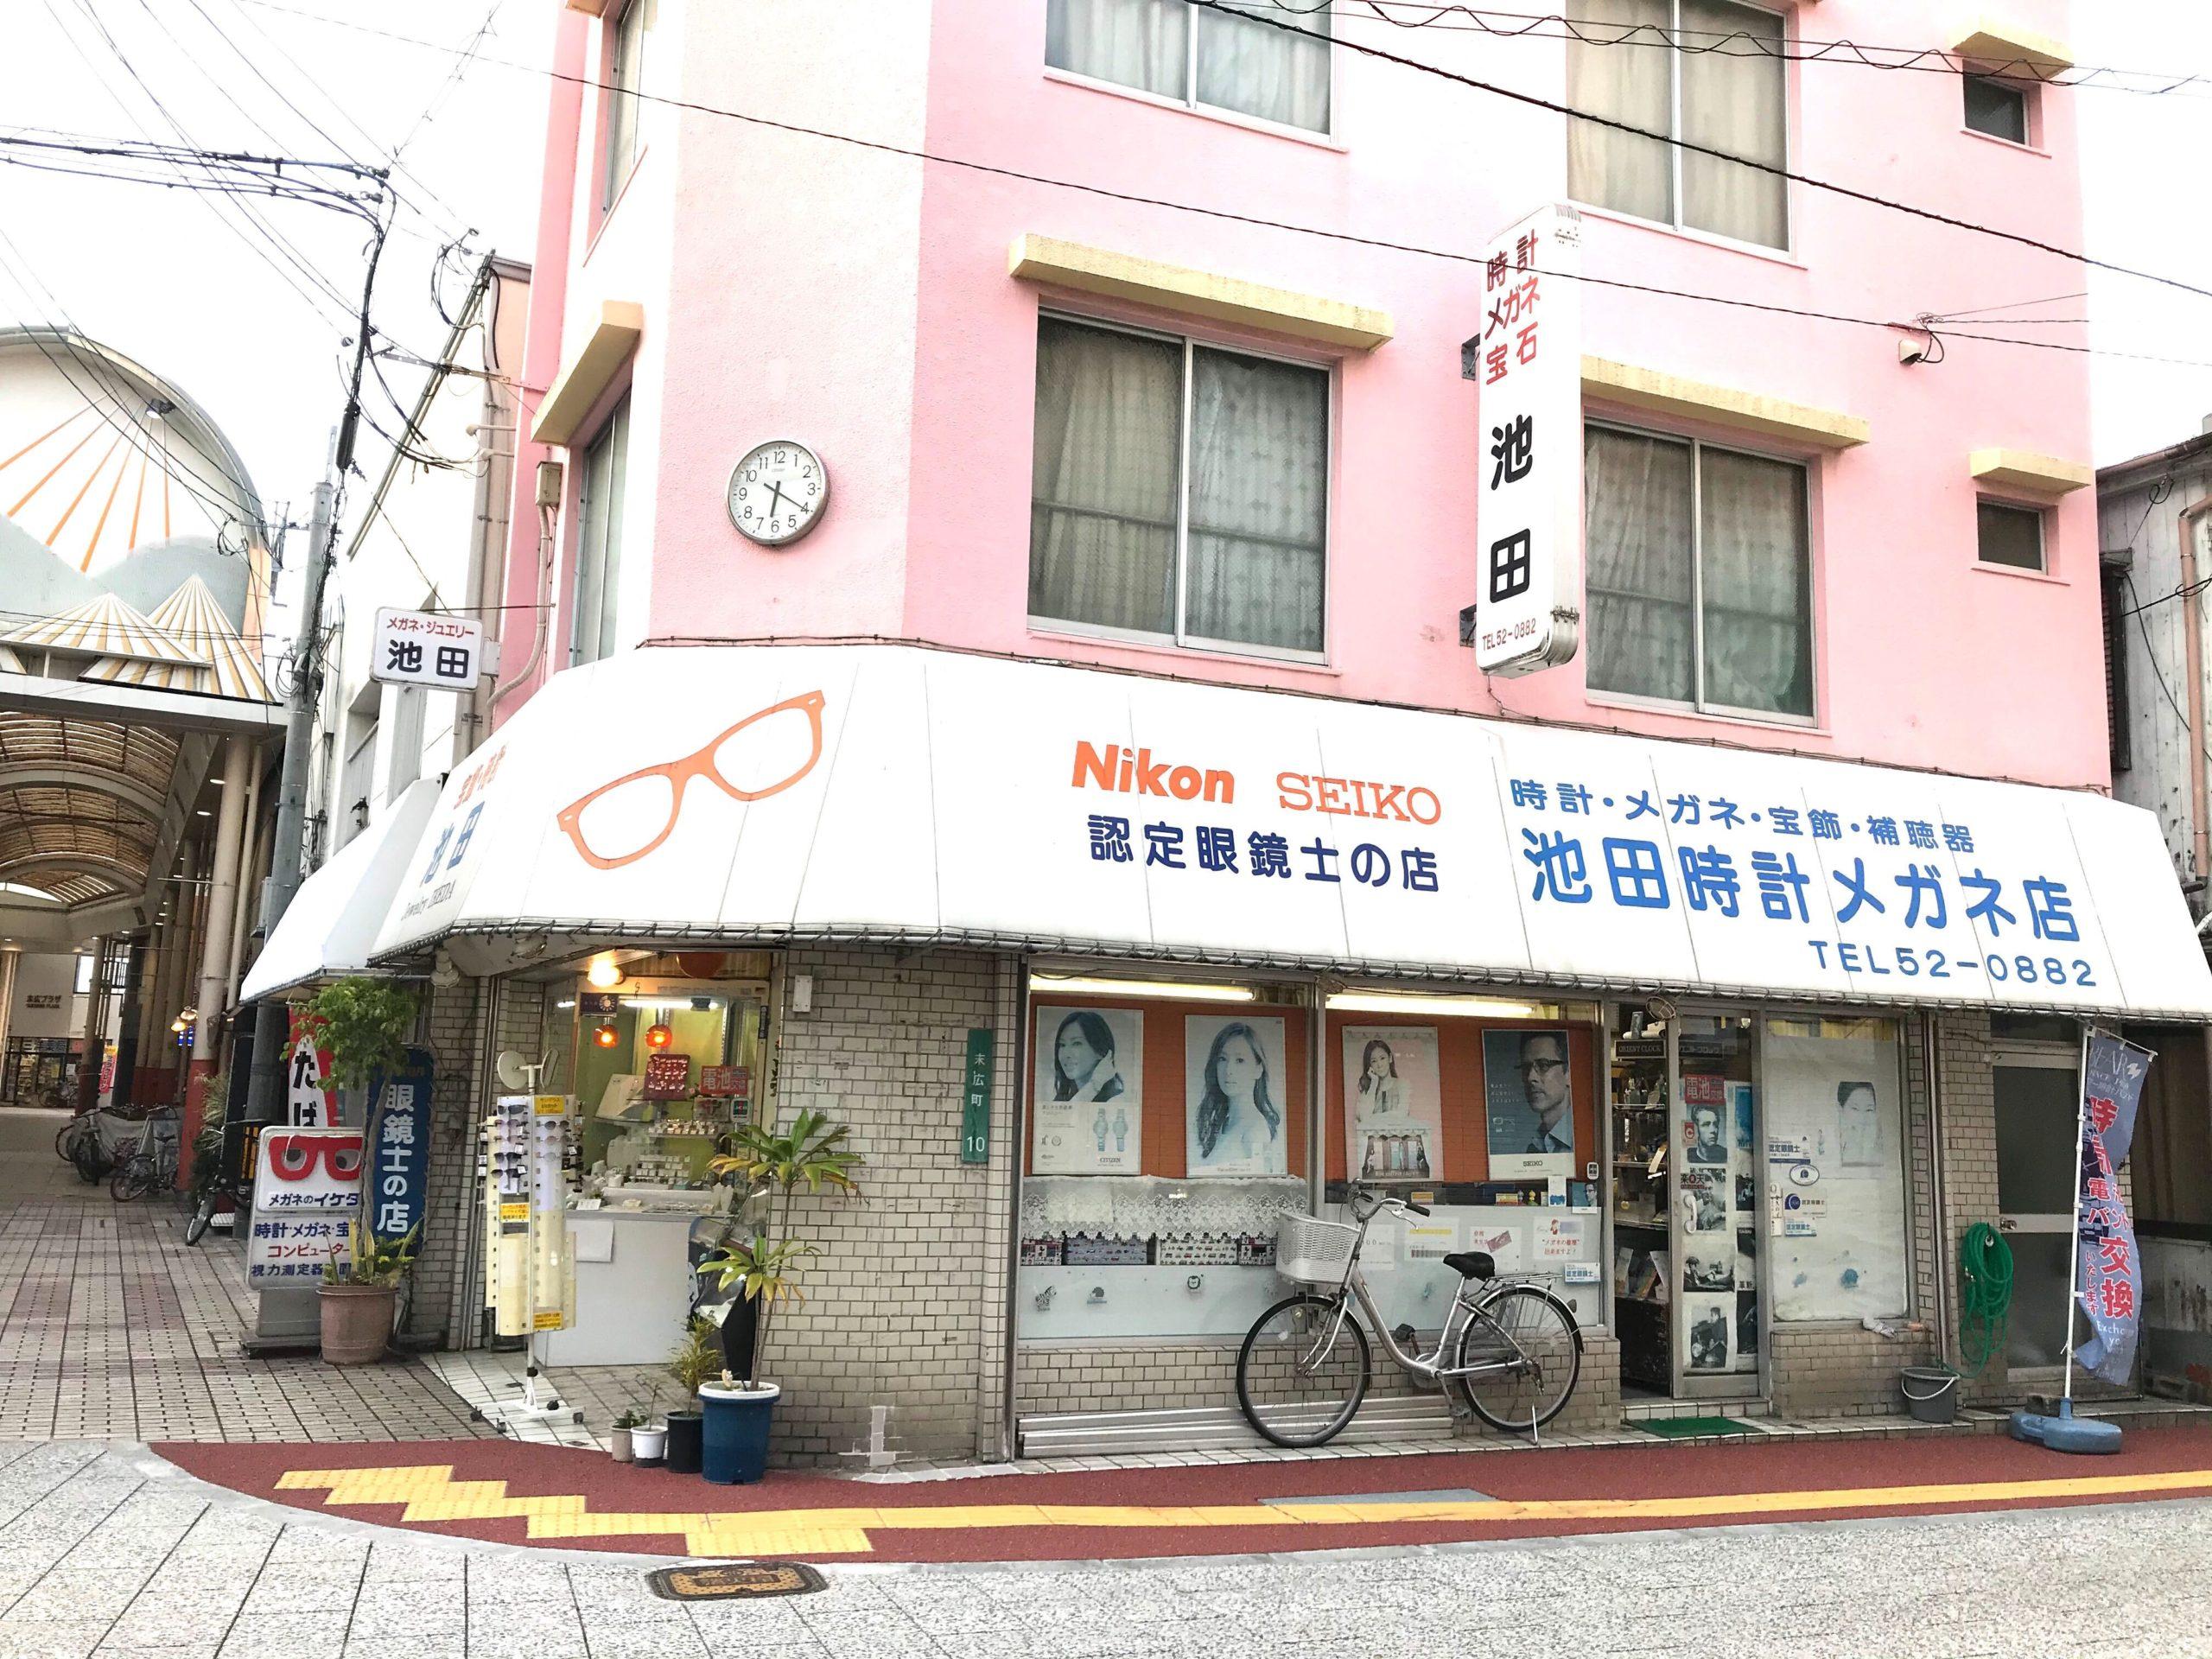 池田時計店2020 5 5